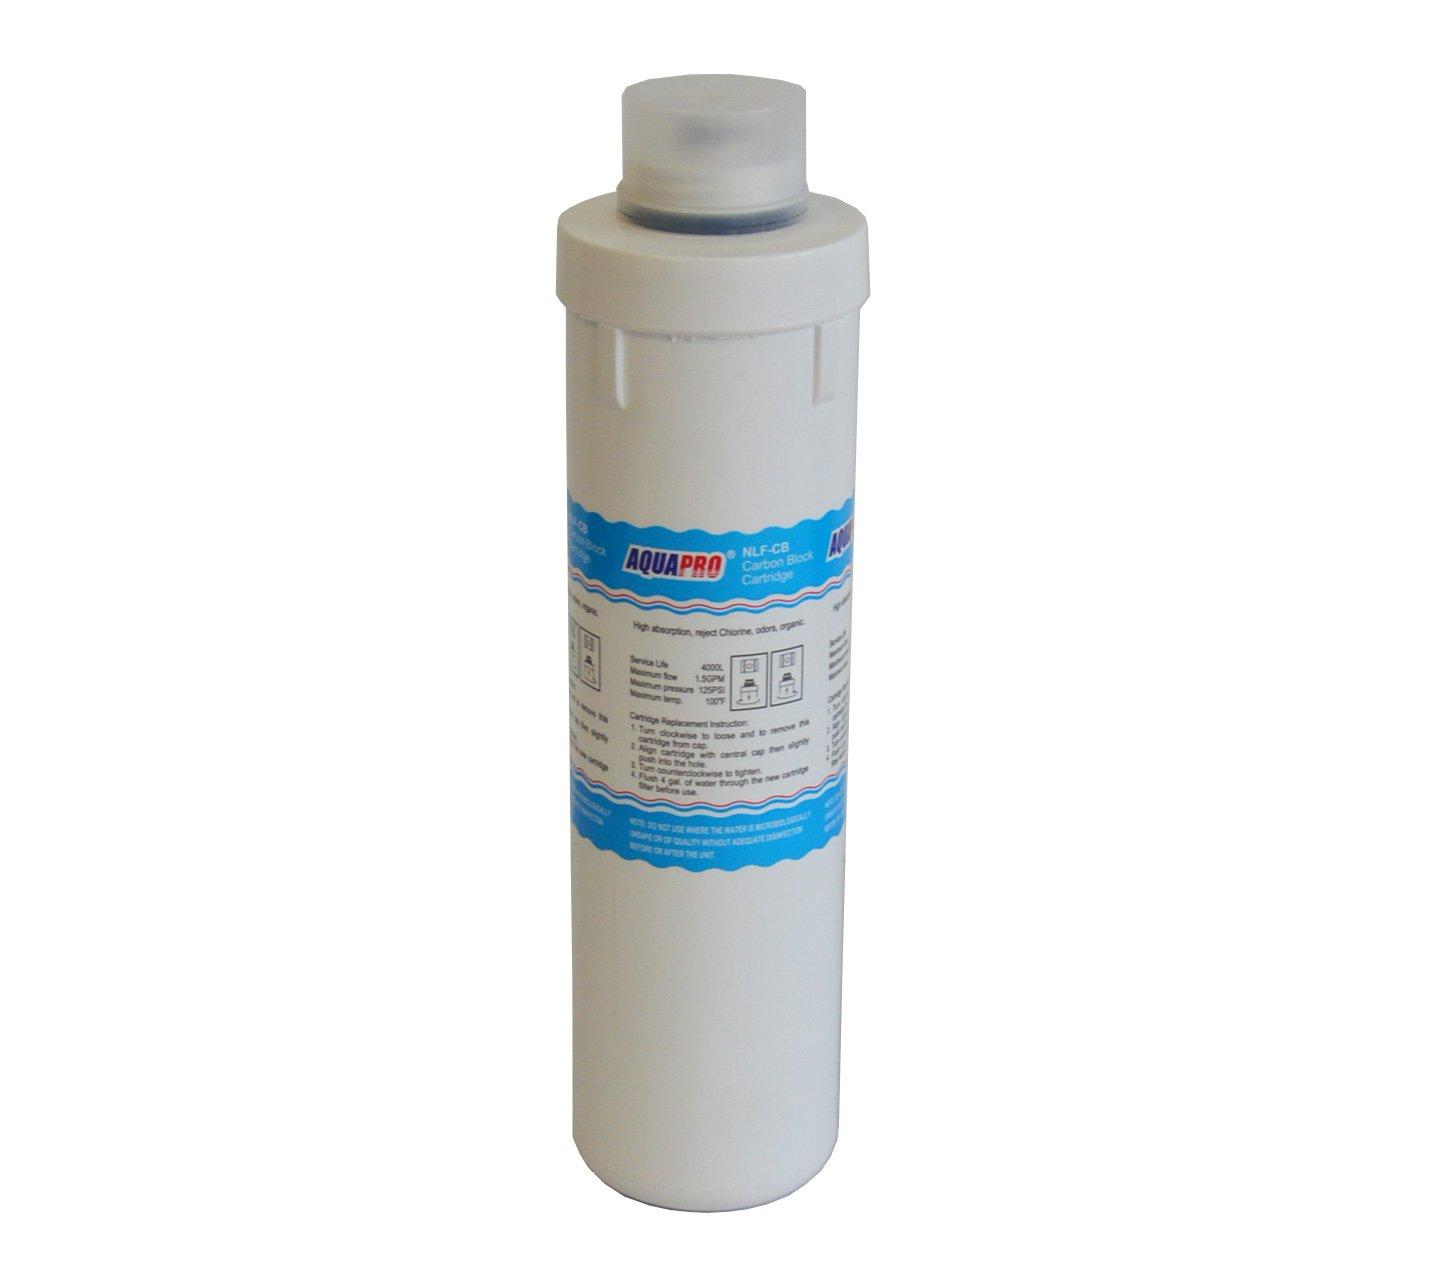 'Cartouche filtre 10Charbon actif de noix de coco pressé pr-nlf-cb 4000L AquaPro